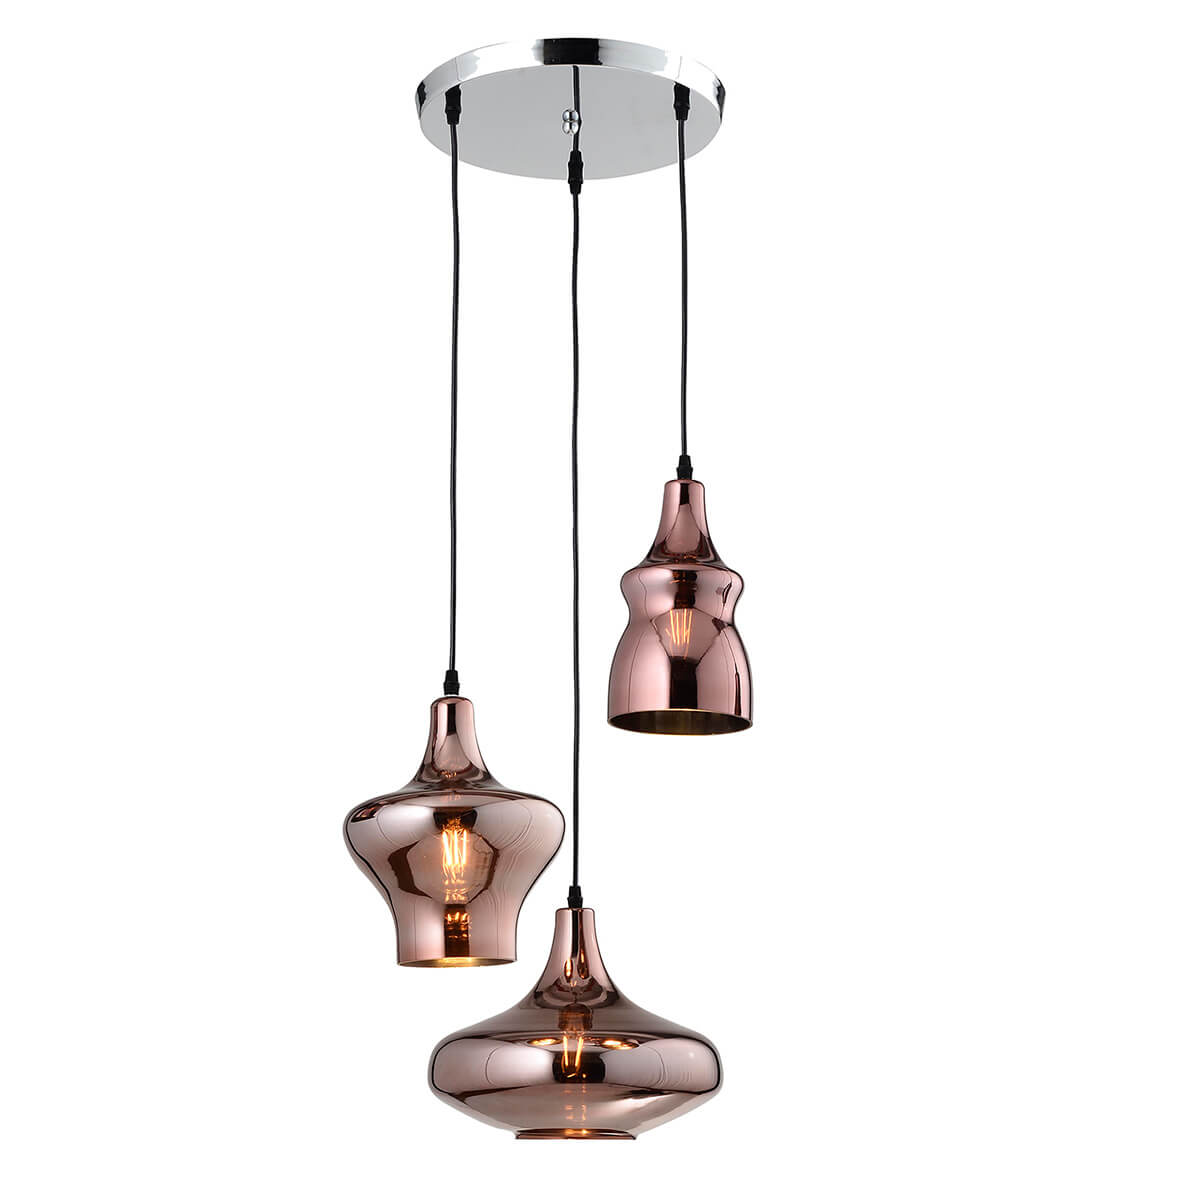 lamparas cobre Almacenes Ortega Lampara Colgante Cobre Licht Almacenes